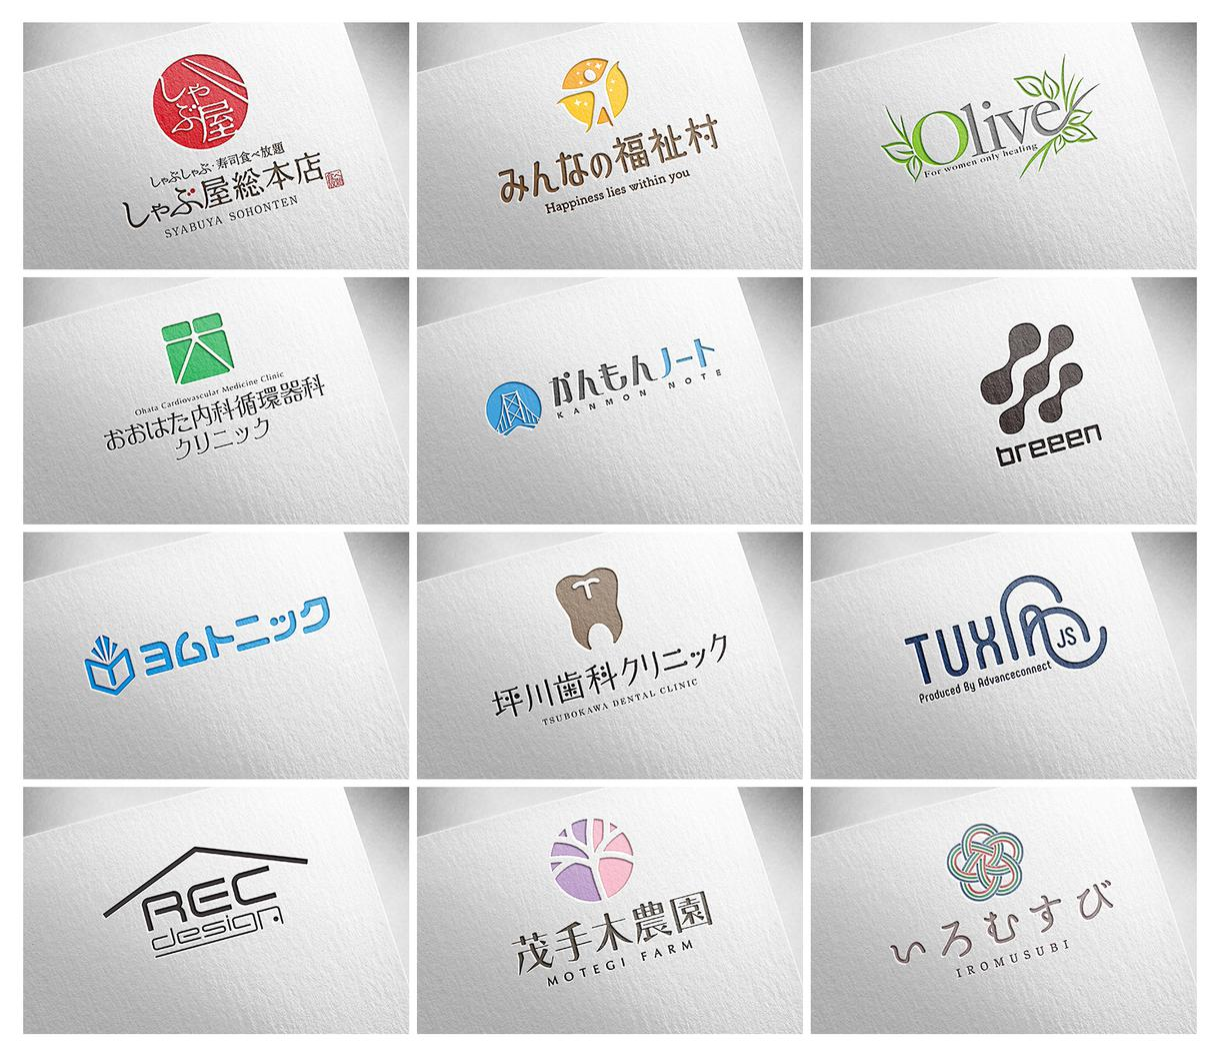 現役プロデザイナーがスピーディーにロゴを作ります ハイクオリティなシンボルマーク・ロゴタイプを破格のお値段で! イメージ1